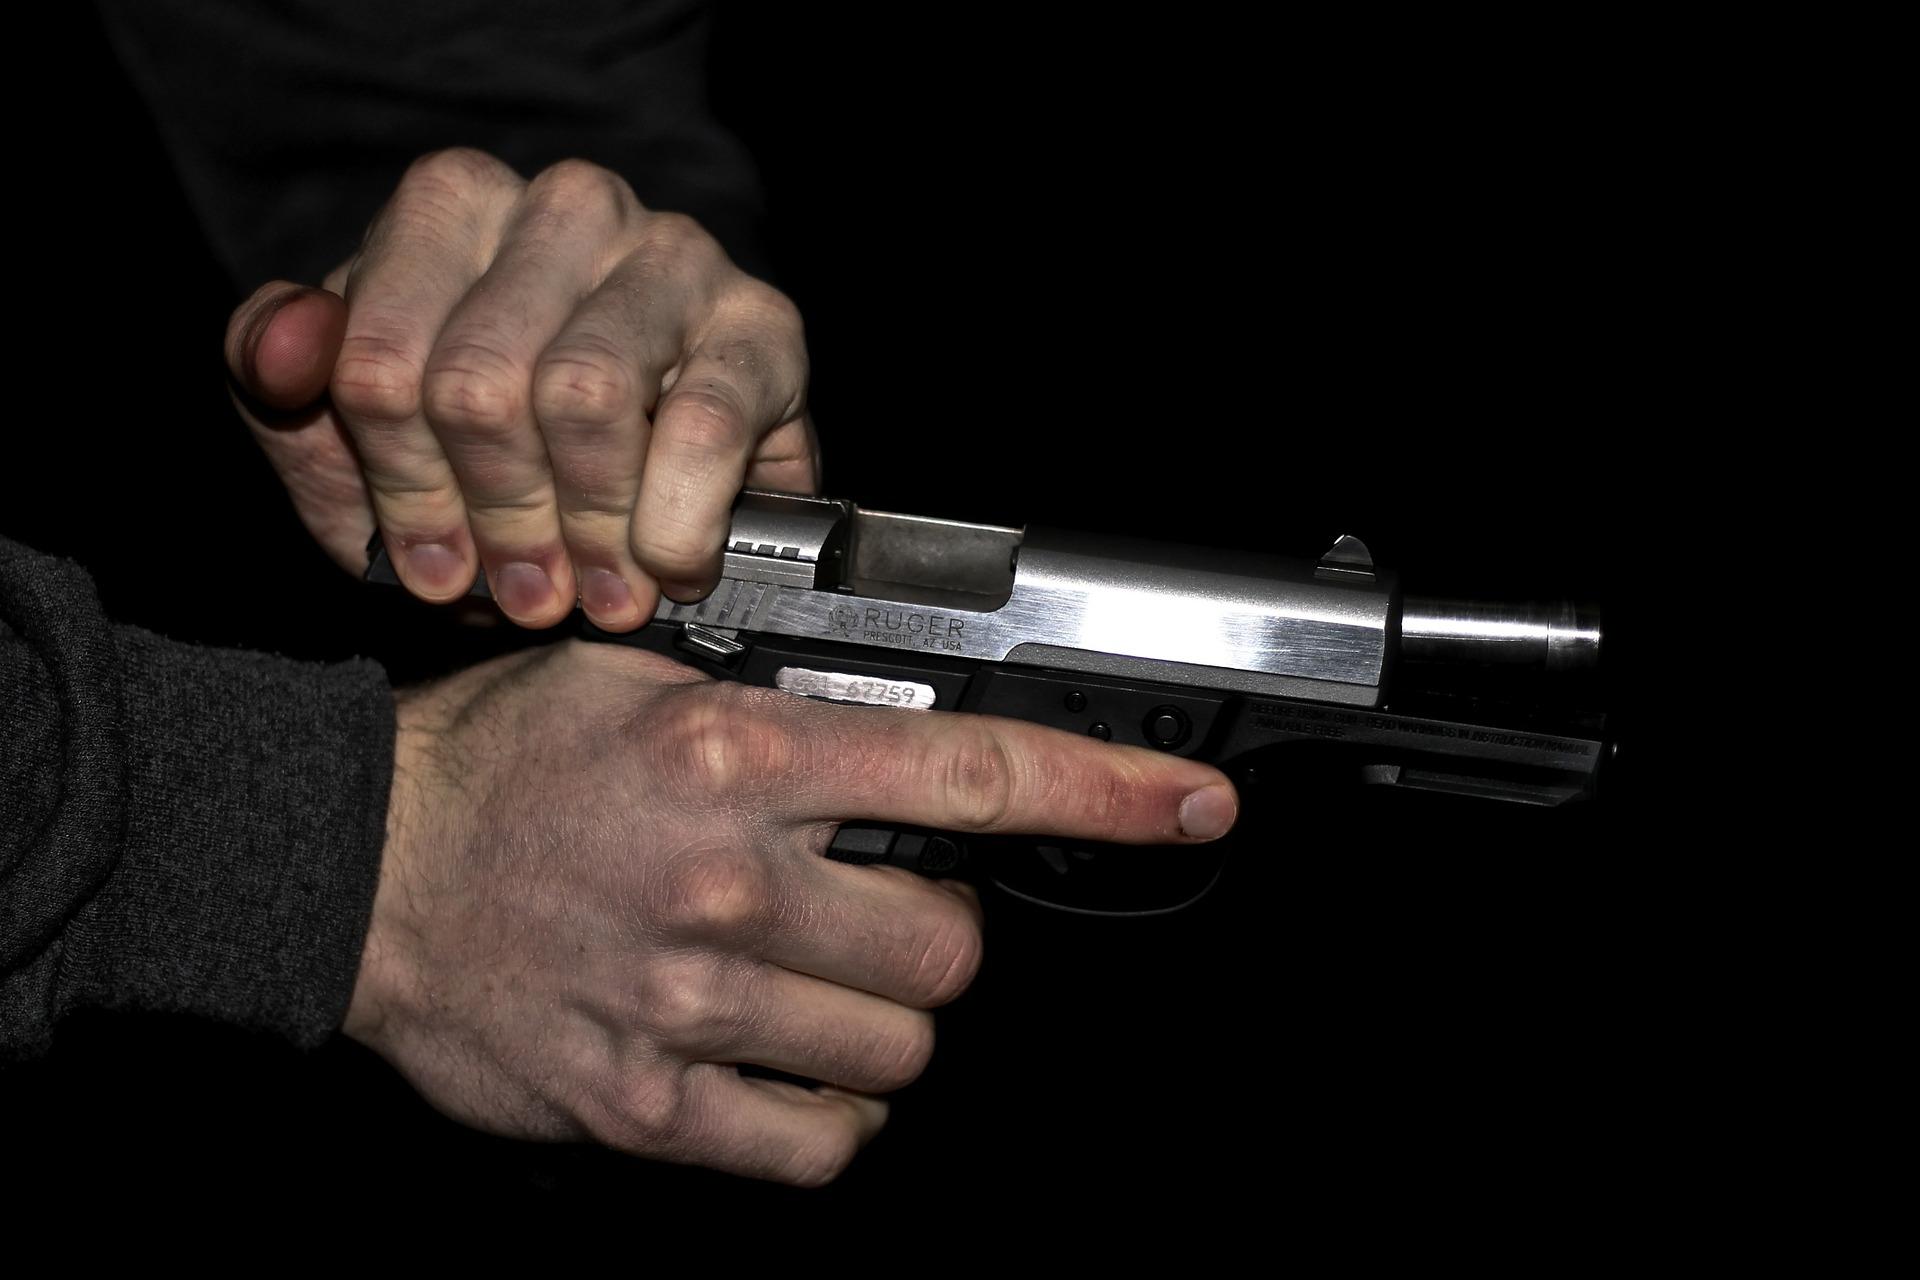 Вологжанин открыл стрельбу из травмата по прохожему: тот не угостил его сигаретой